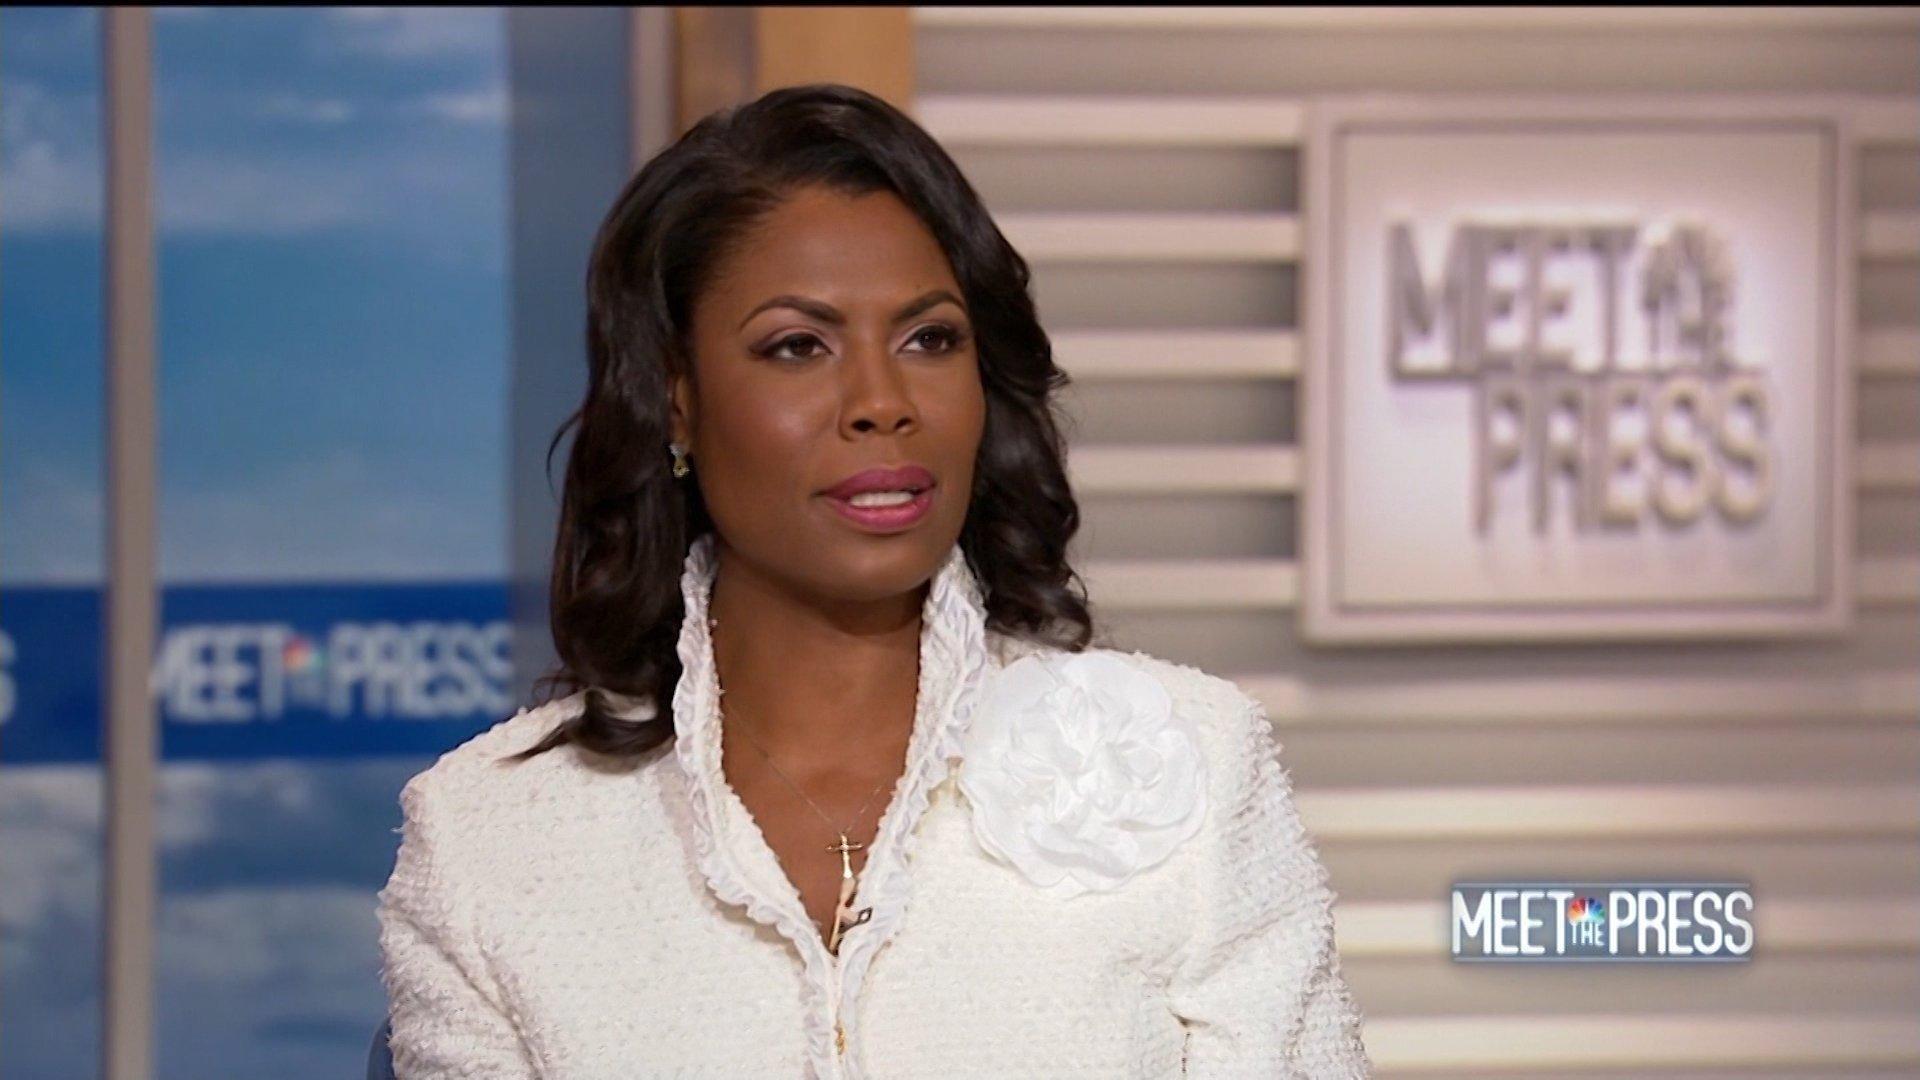 Ex-White House staffer Omarosa releases tape of her firing